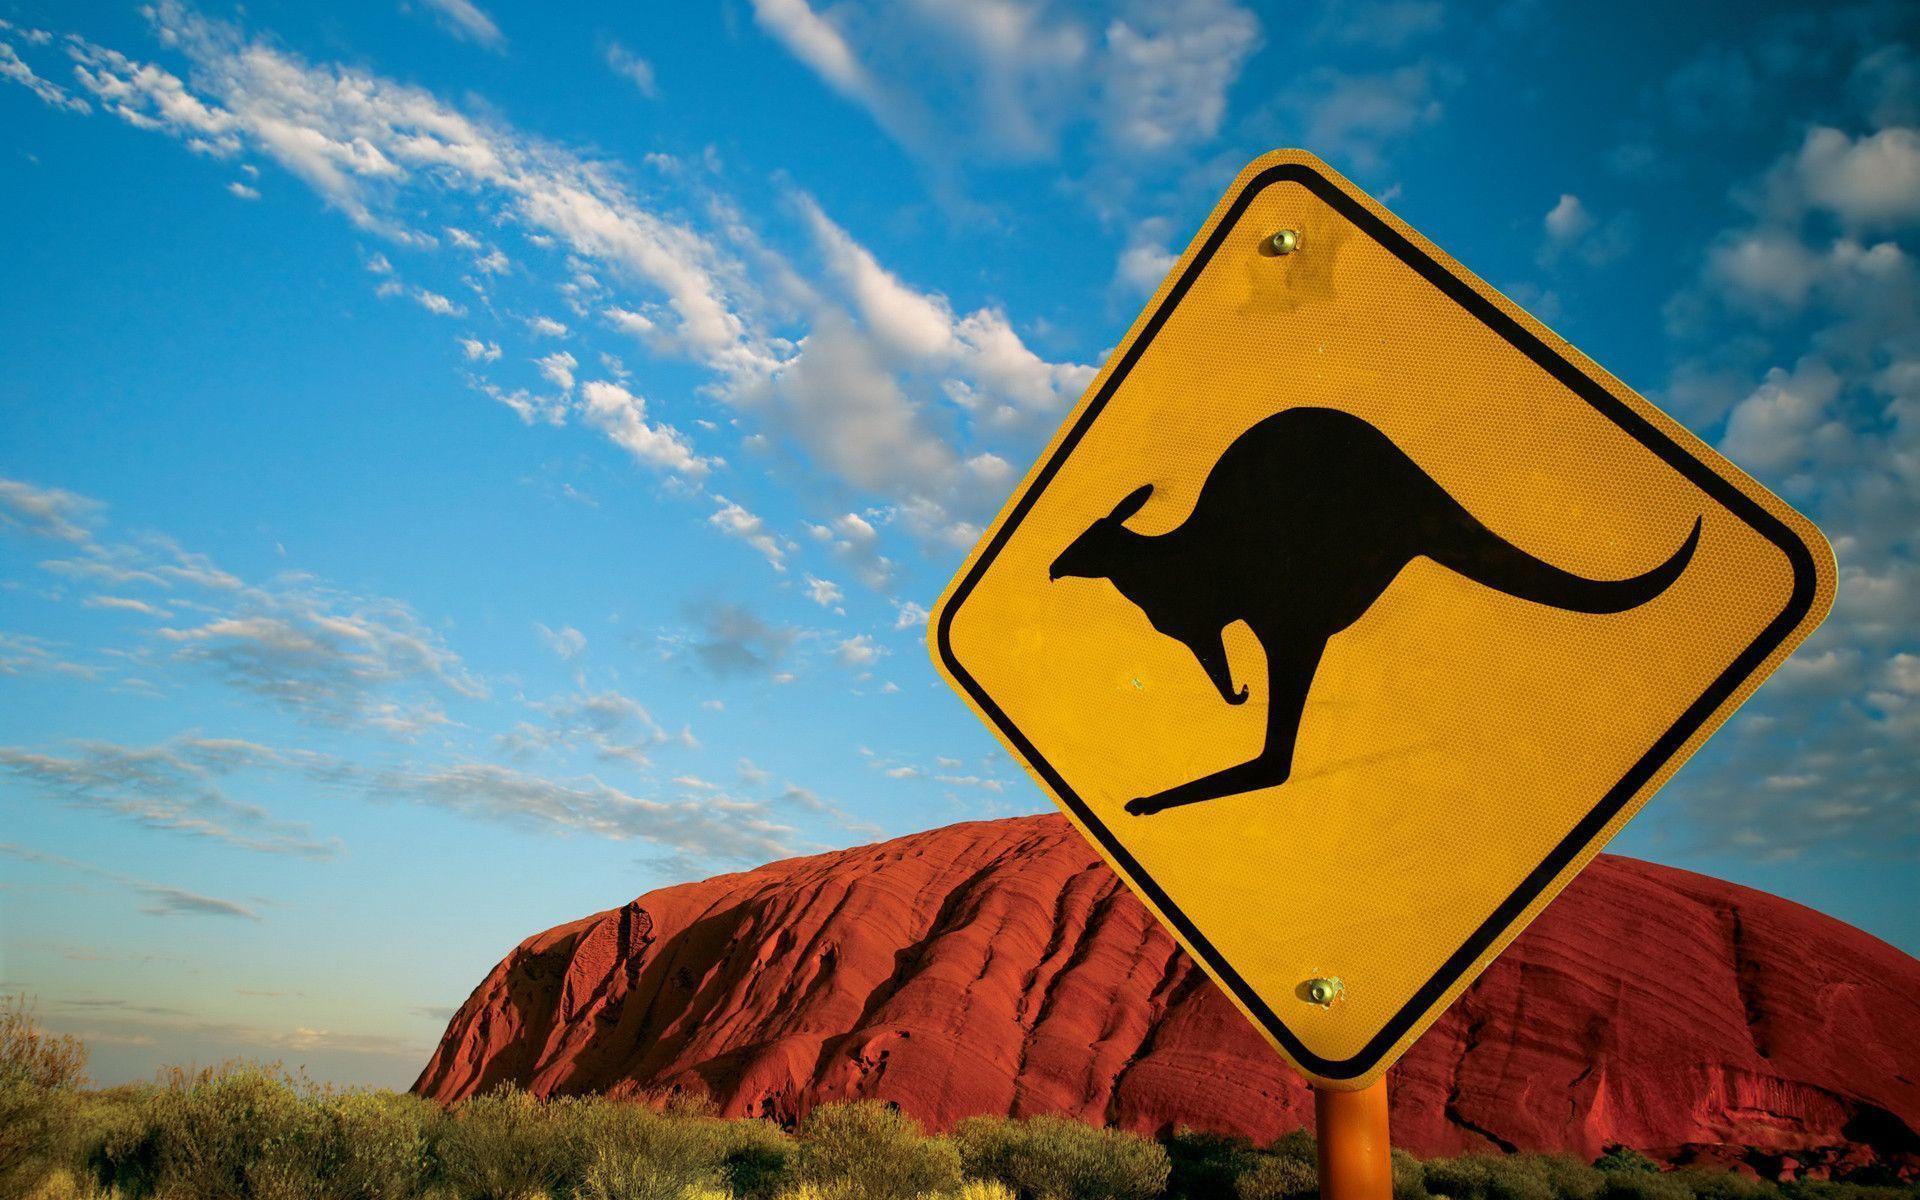 Australian export sectors facing challenges in international trade